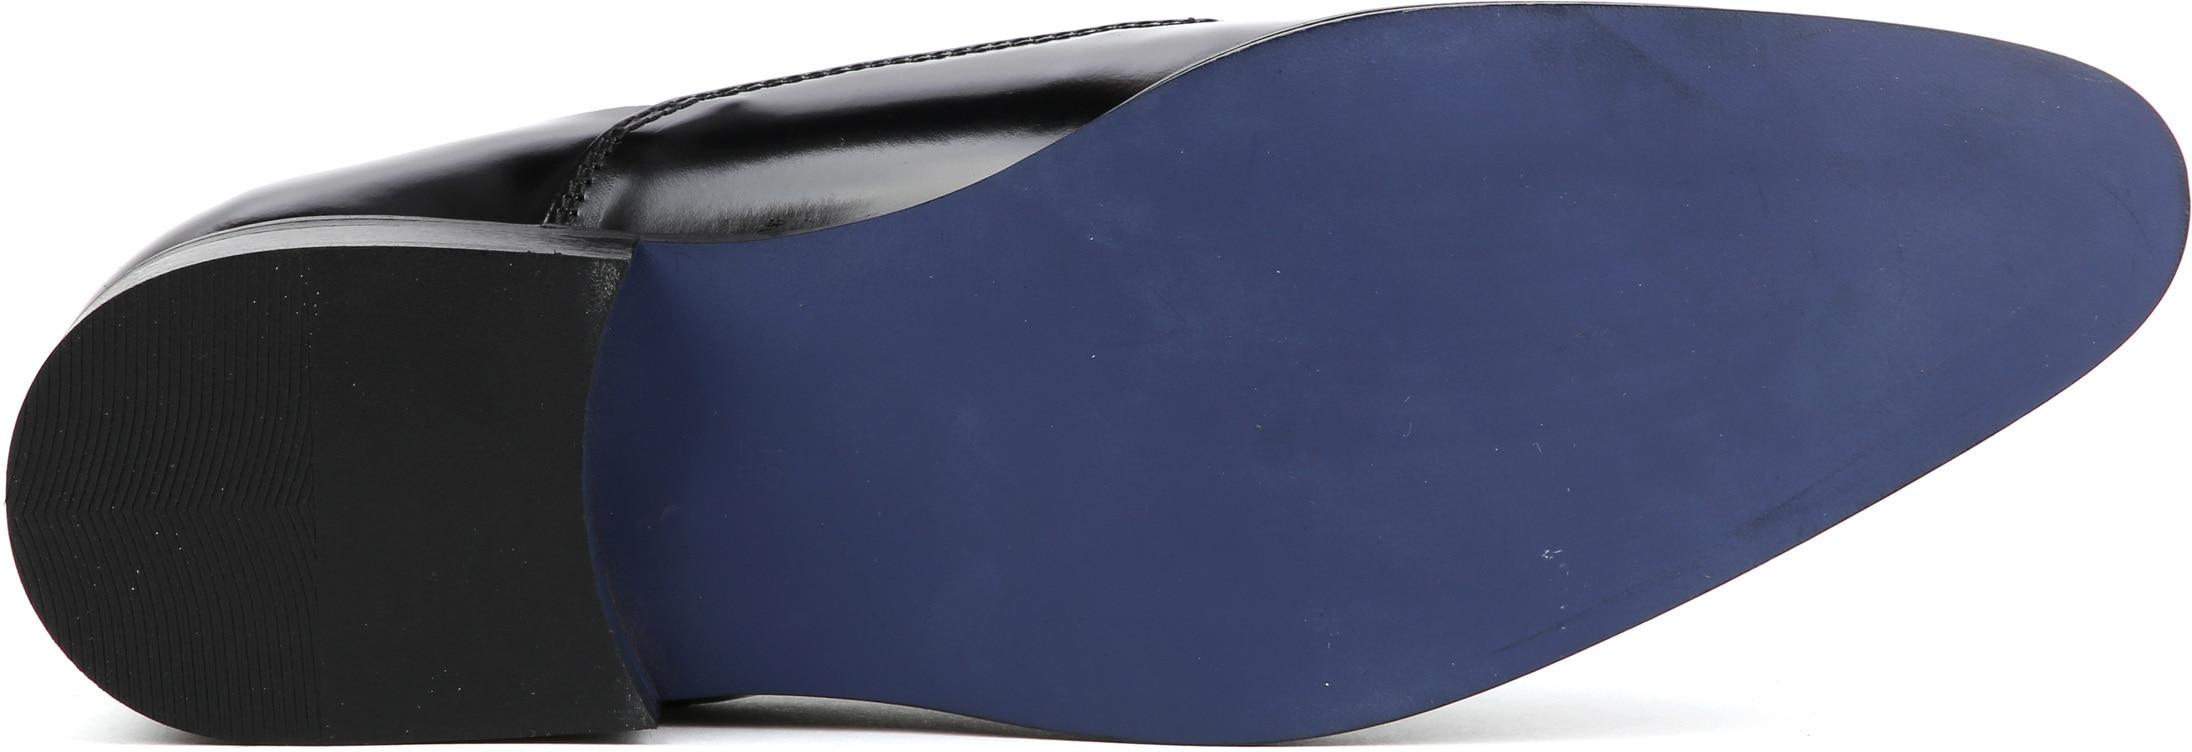 Suitable Black Lacquer Shoes photo 4